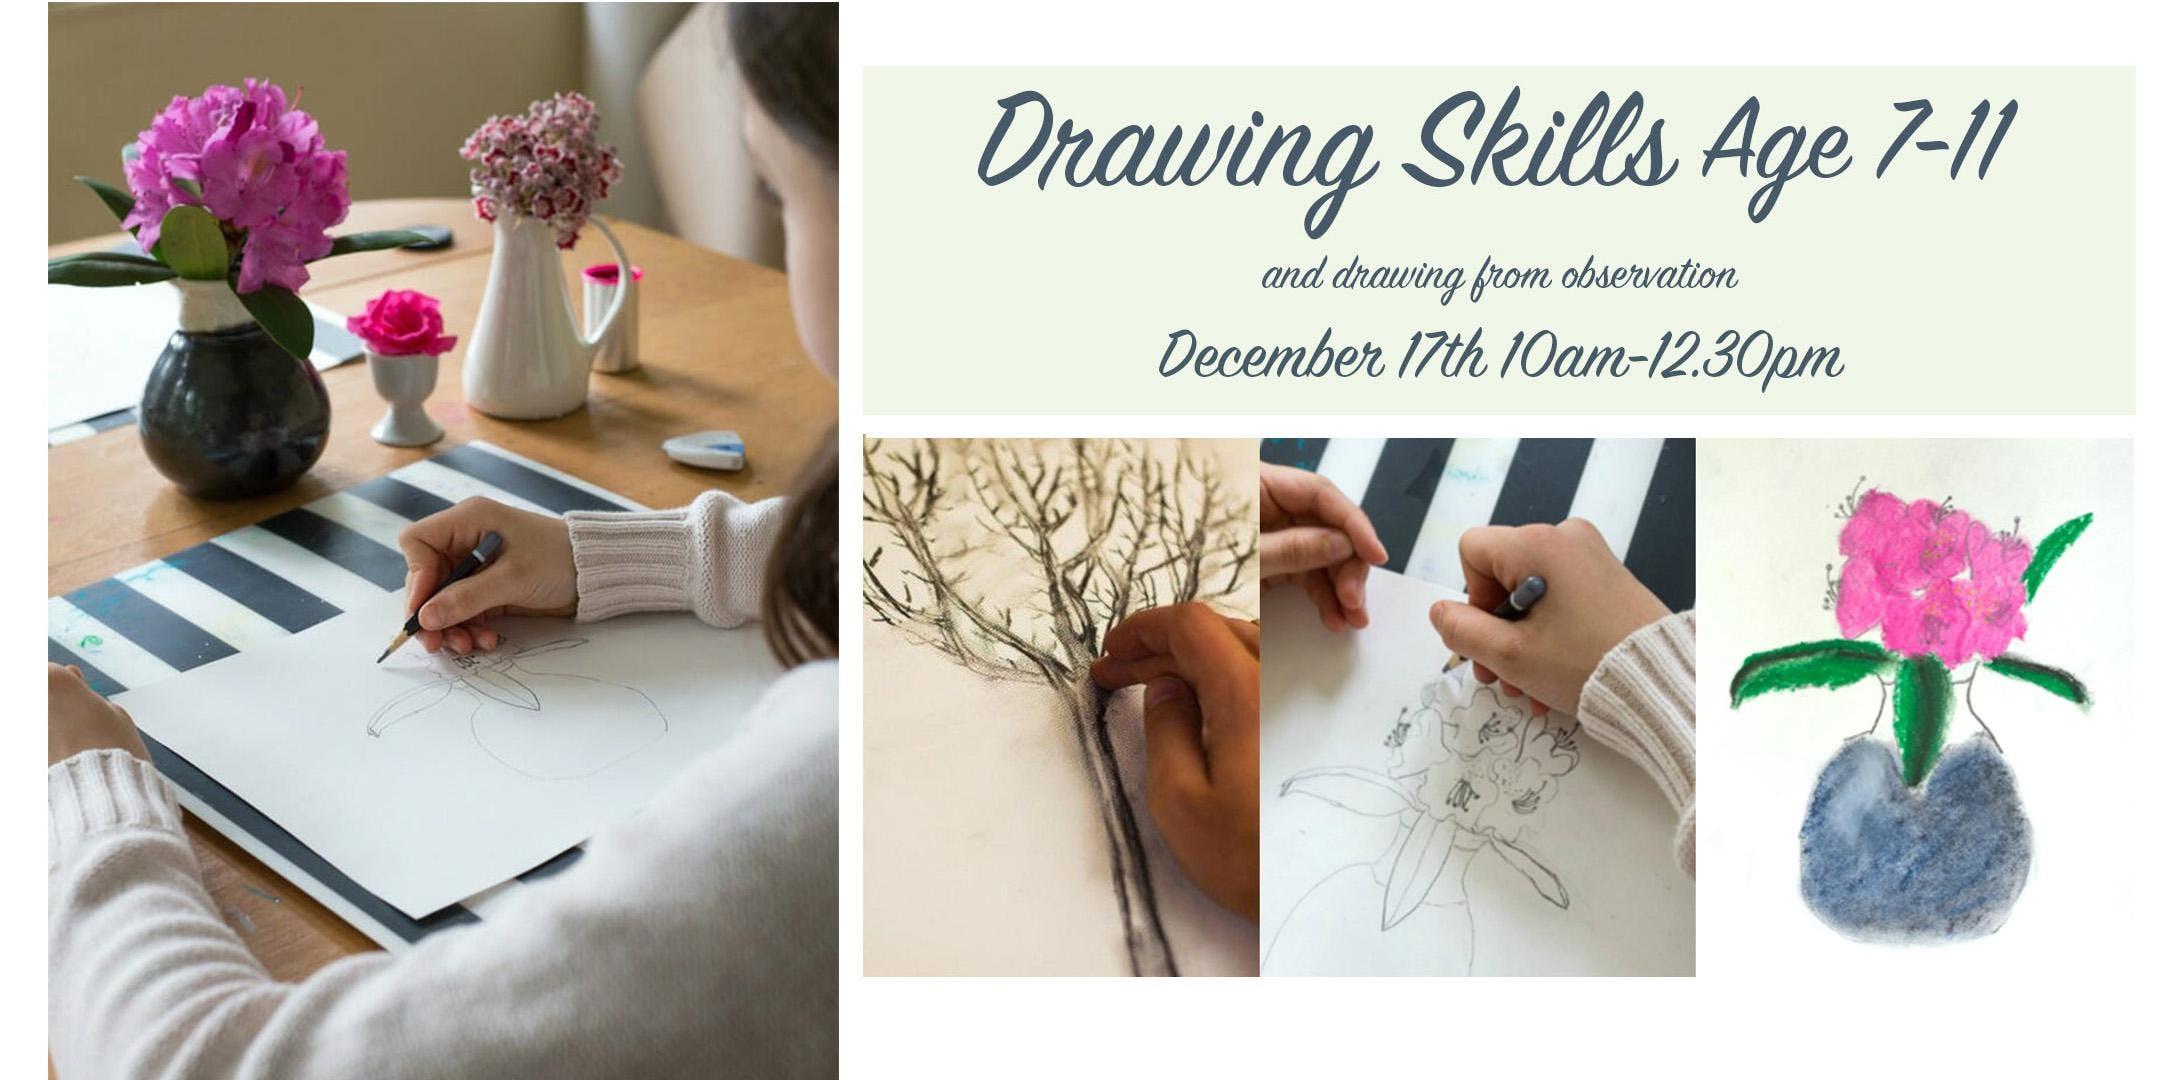 Drawing Skills Age 7-11